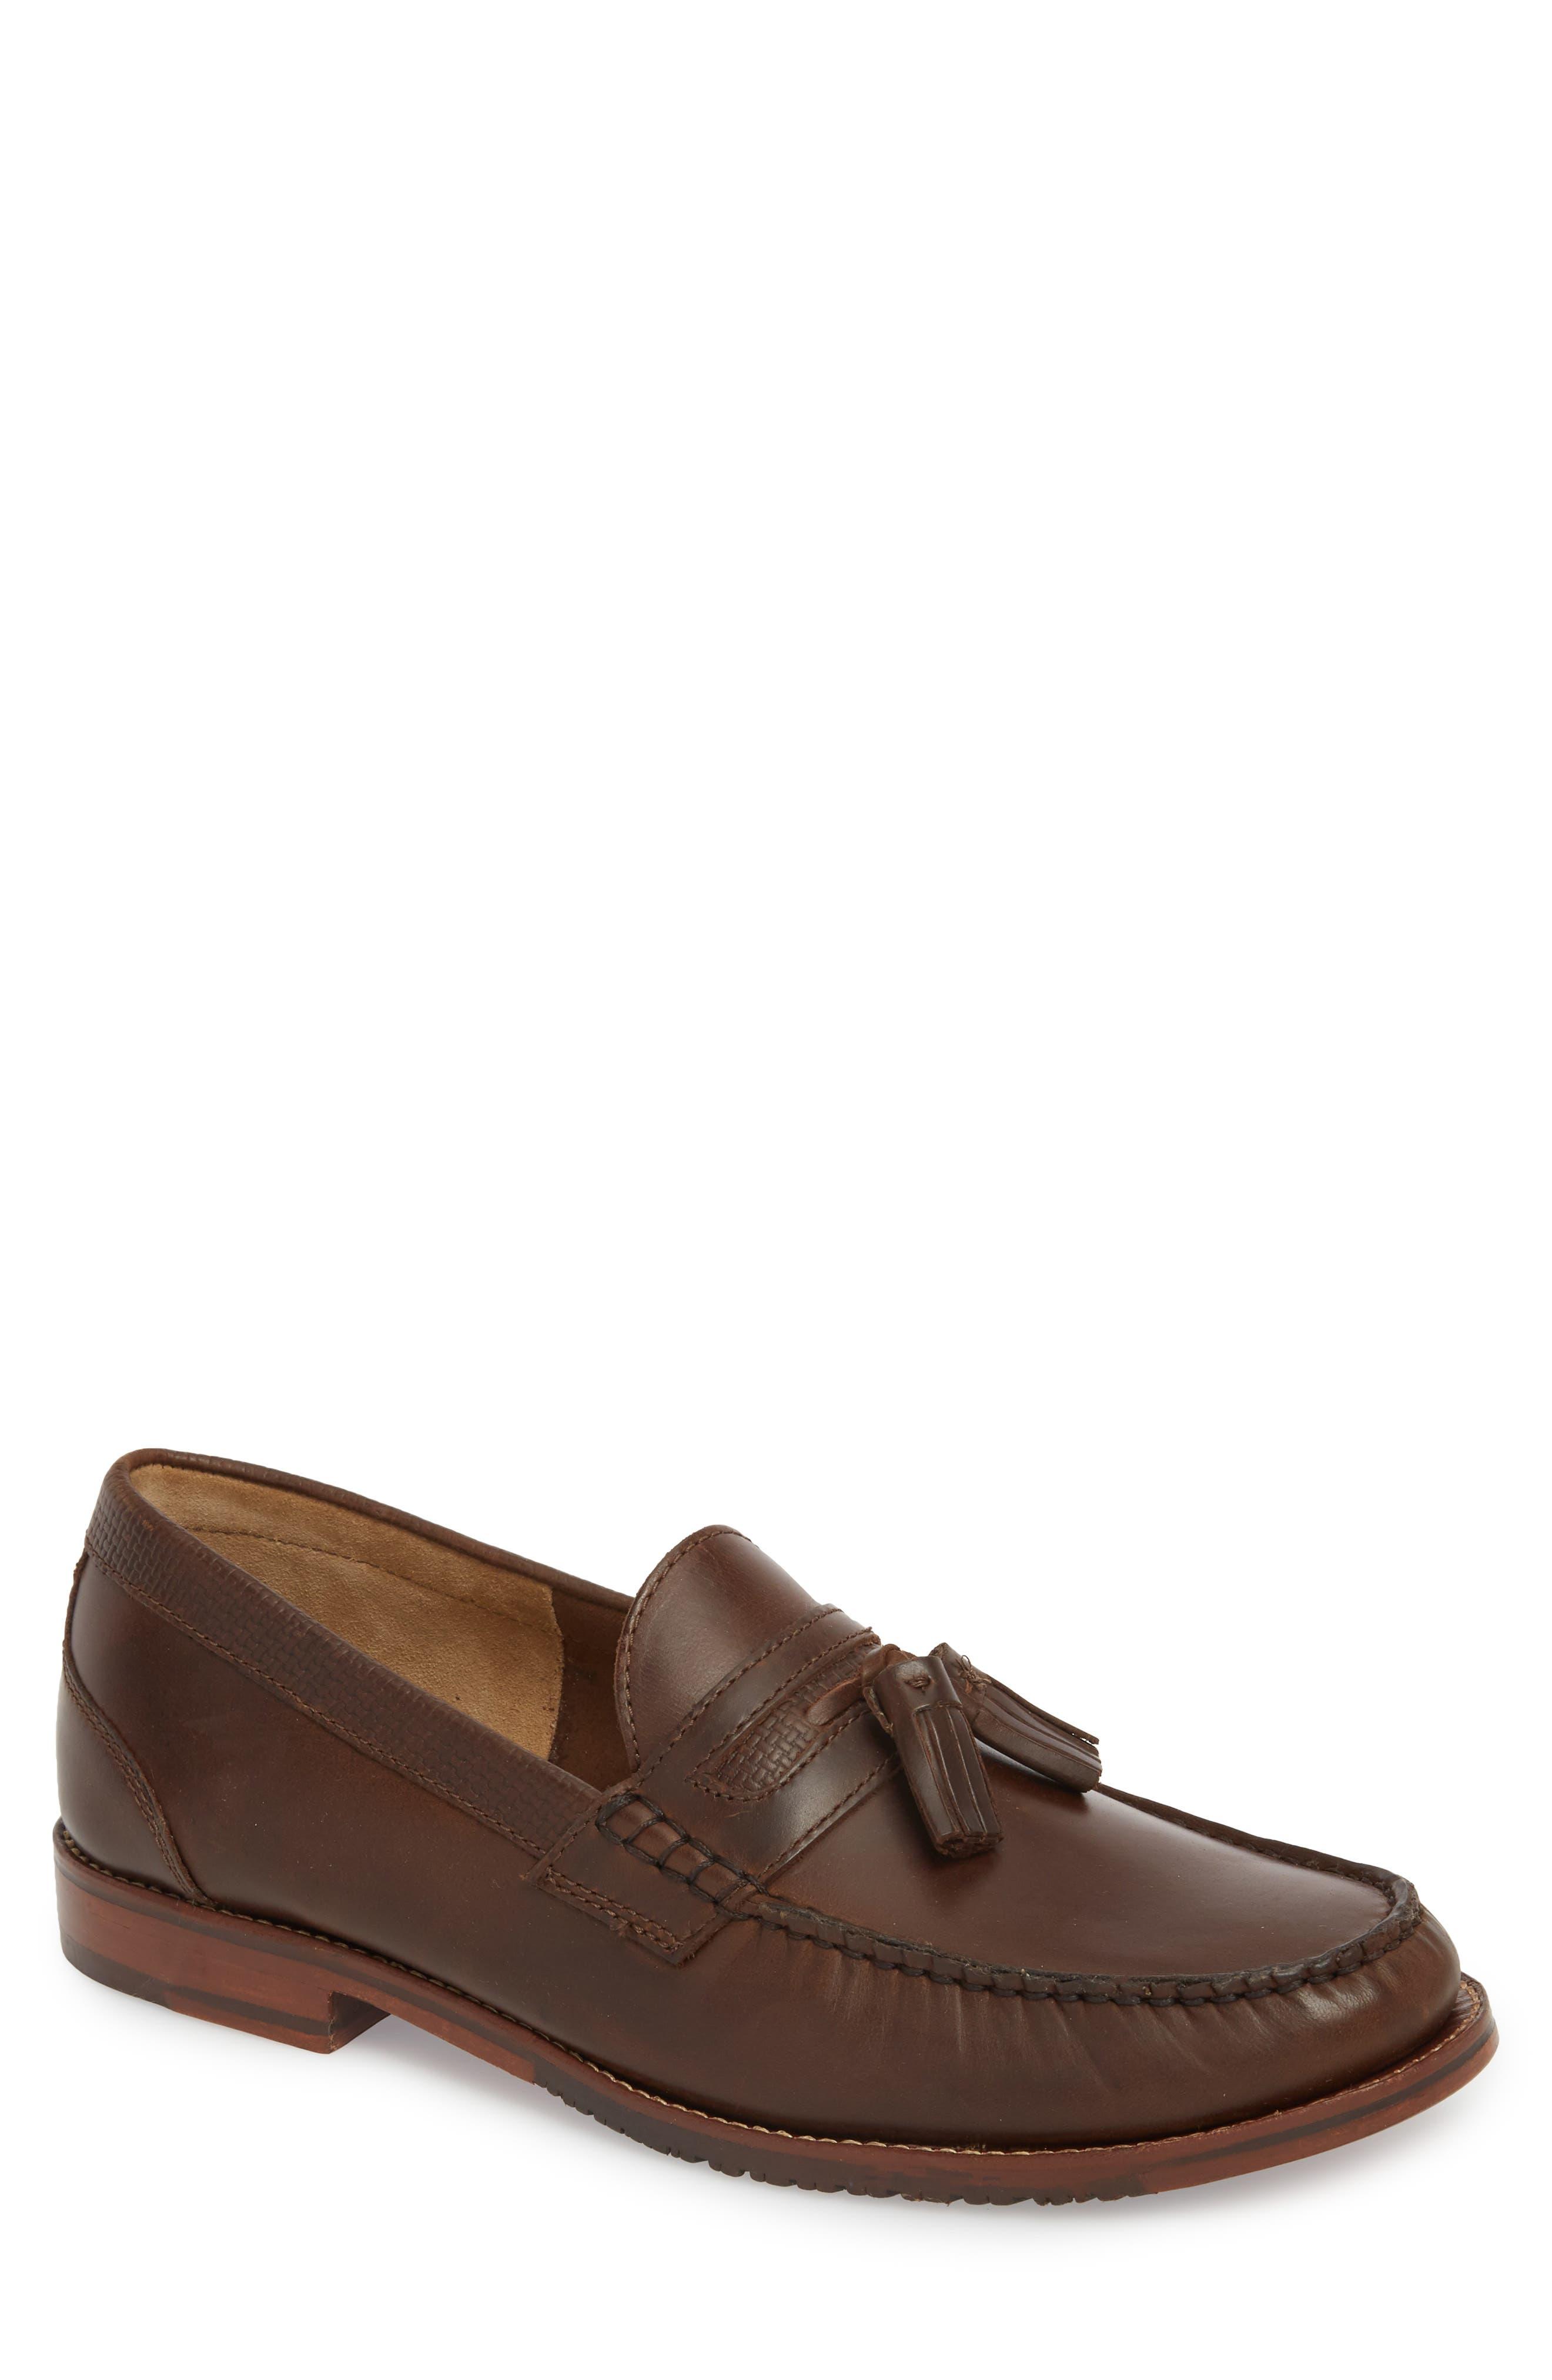 Tasslington Loafer,                         Main,                         color, Dark Brown Leather